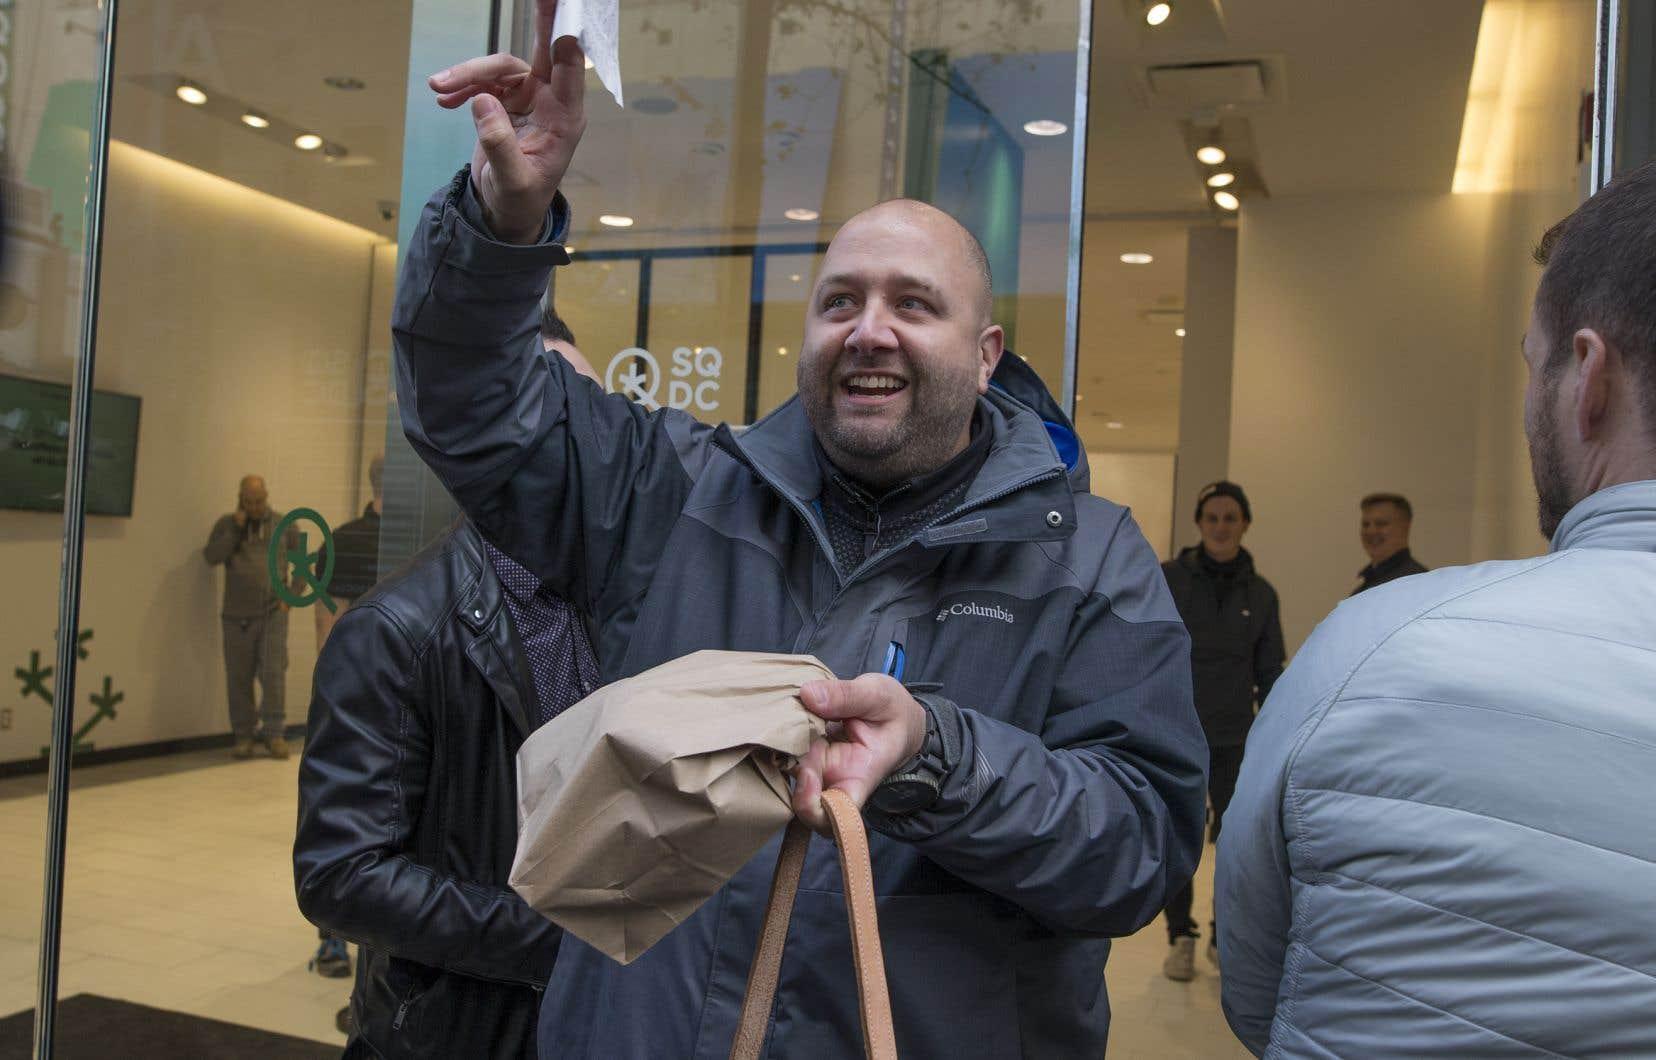 Mercredi,12 succursales au Québec ont accueilli dès 10 h des clients qui ont parfois attendu des heures avant d'y entrer tellement les files d'attente étaient longues.